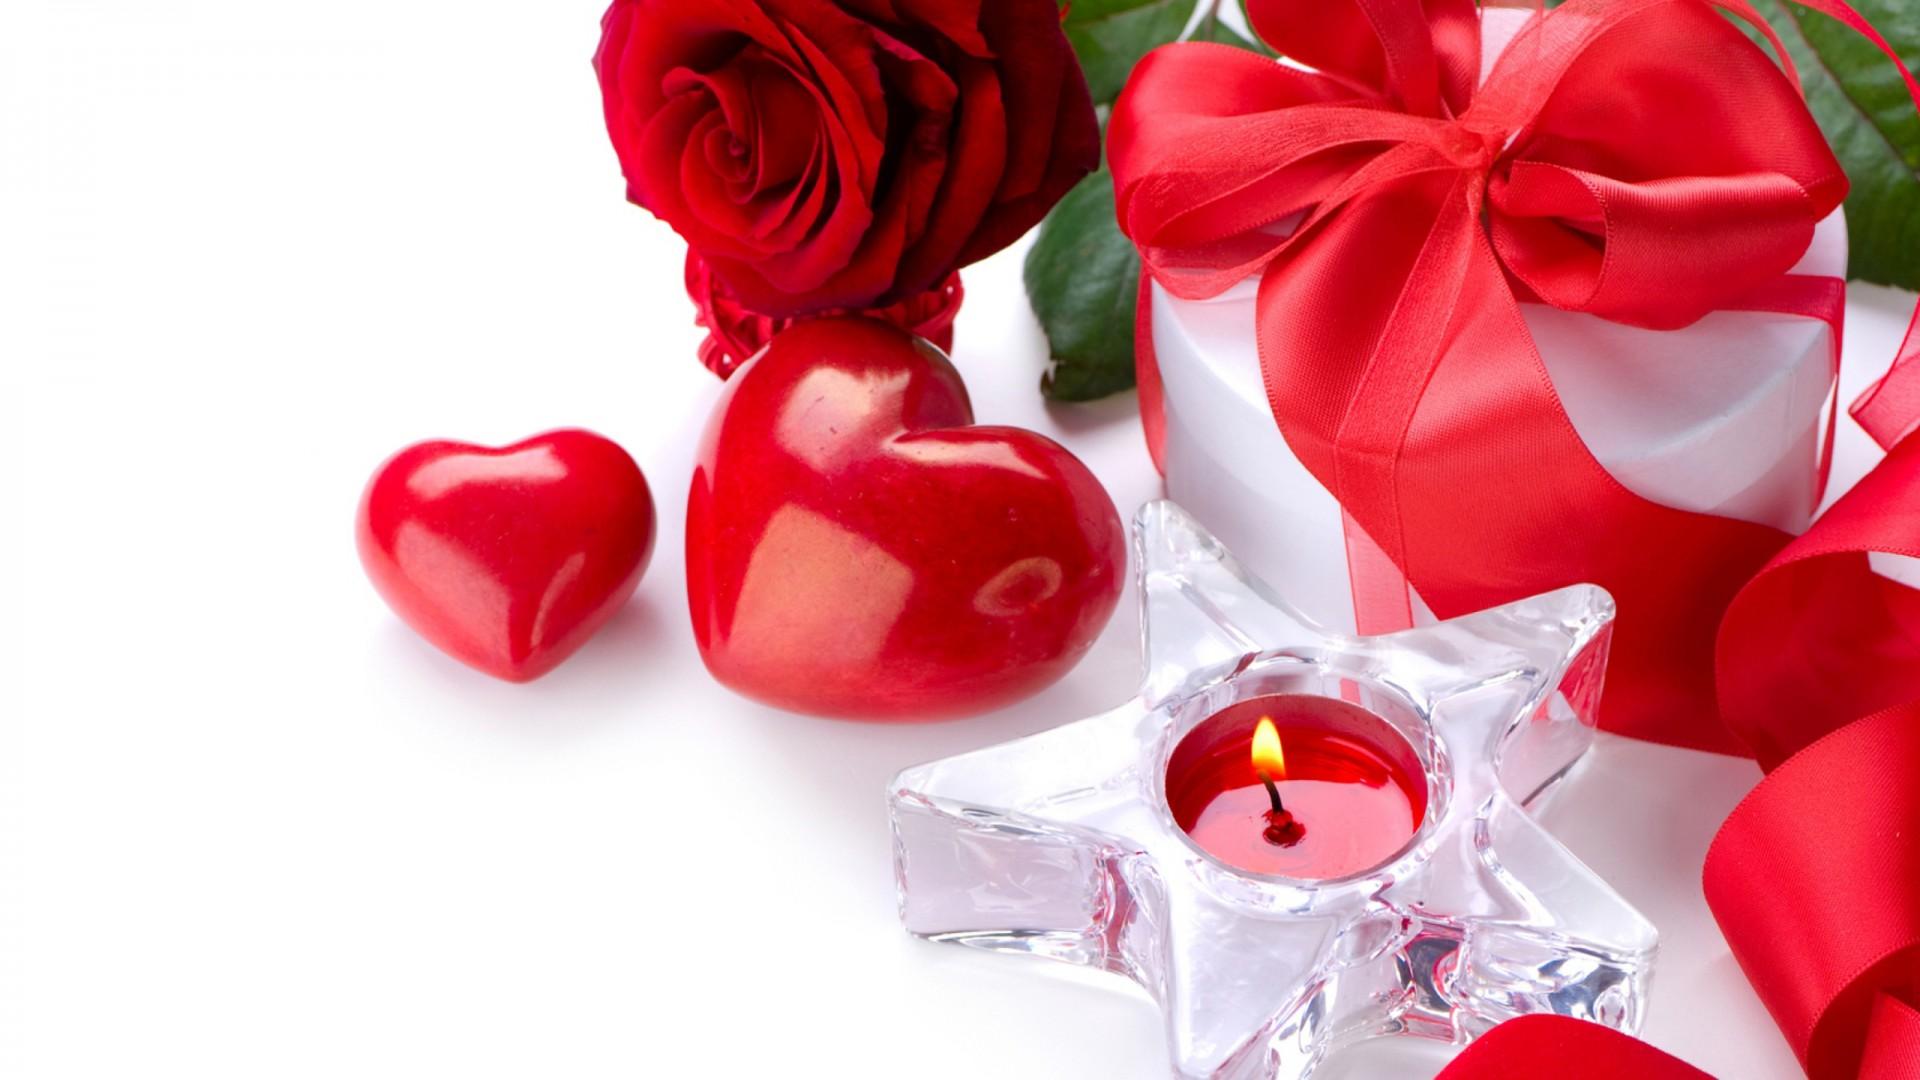 Romantic Roses Flowers Wallpaper Wide - Rose Flower Wallpaper 3d Hd , HD Wallpaper & Backgrounds